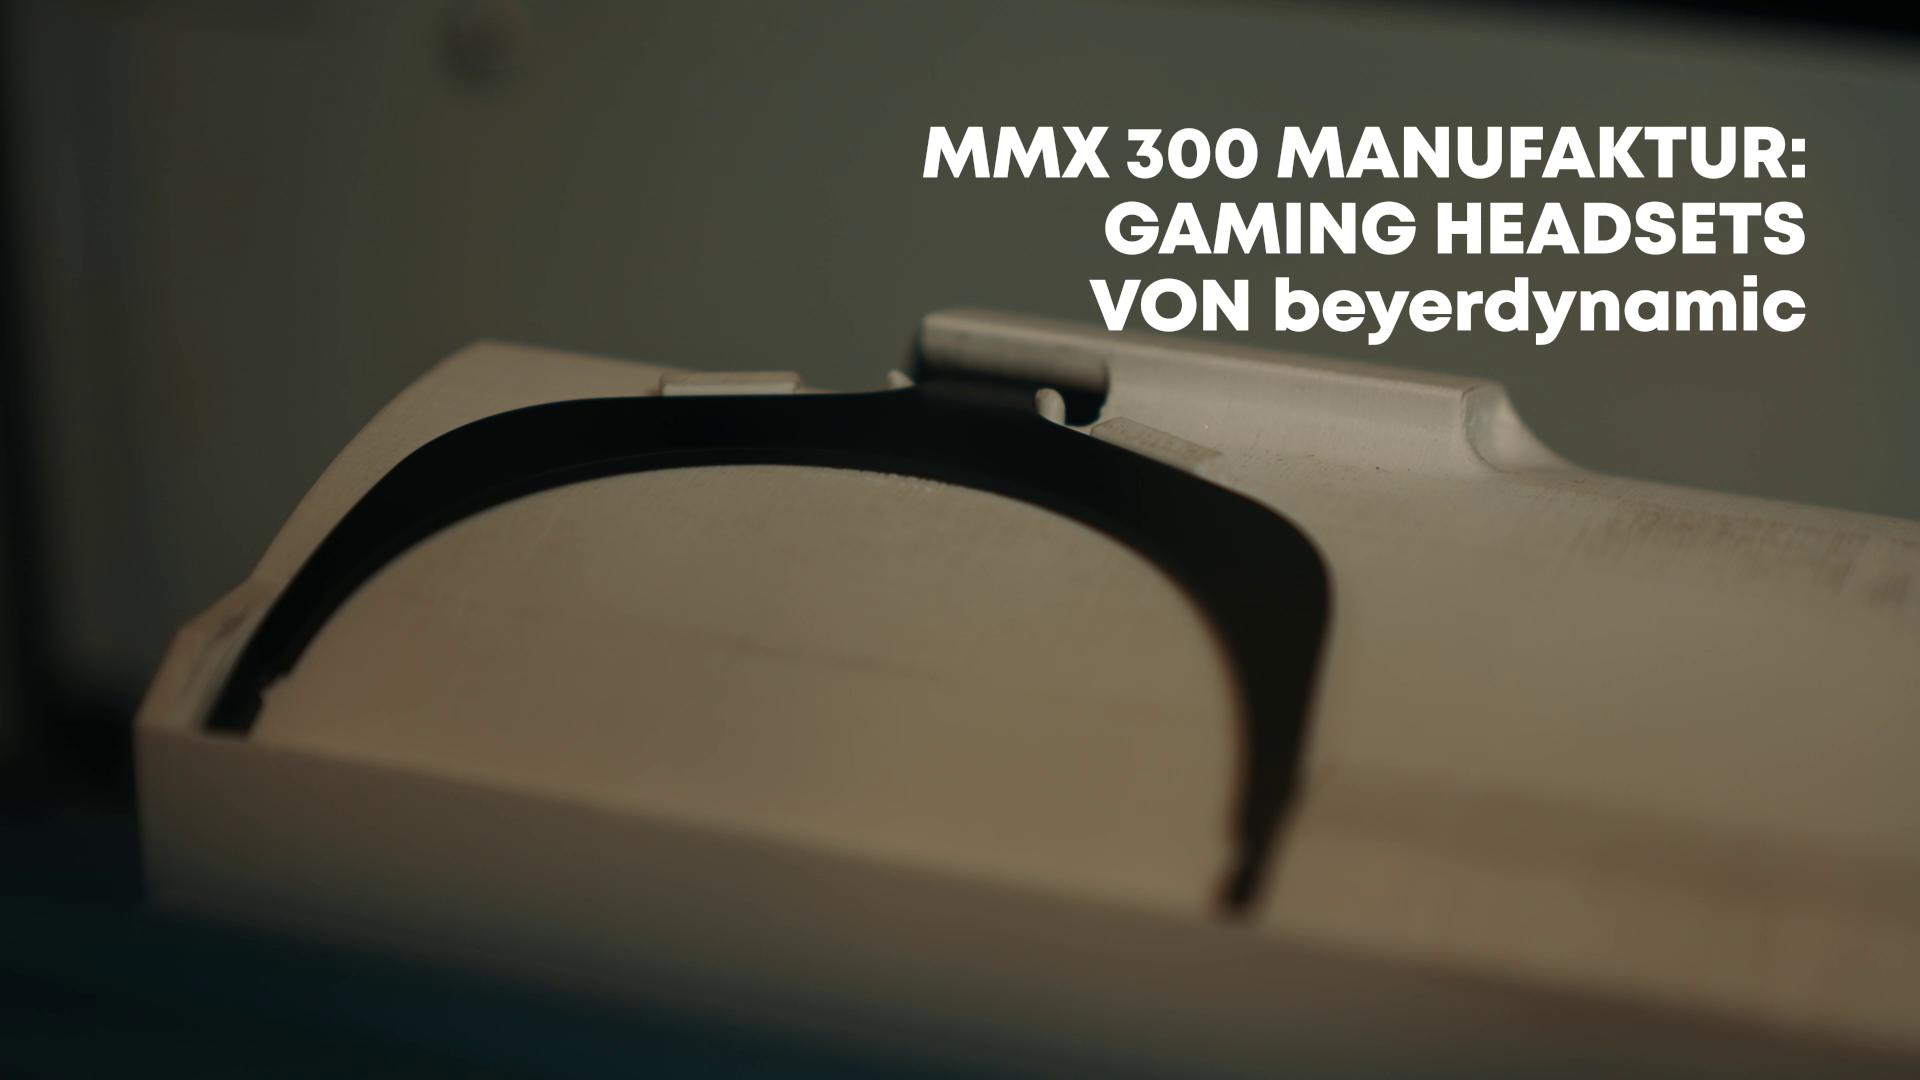 Beyerdynamic setzt euch deutsche Handarbeit auf die Ohren